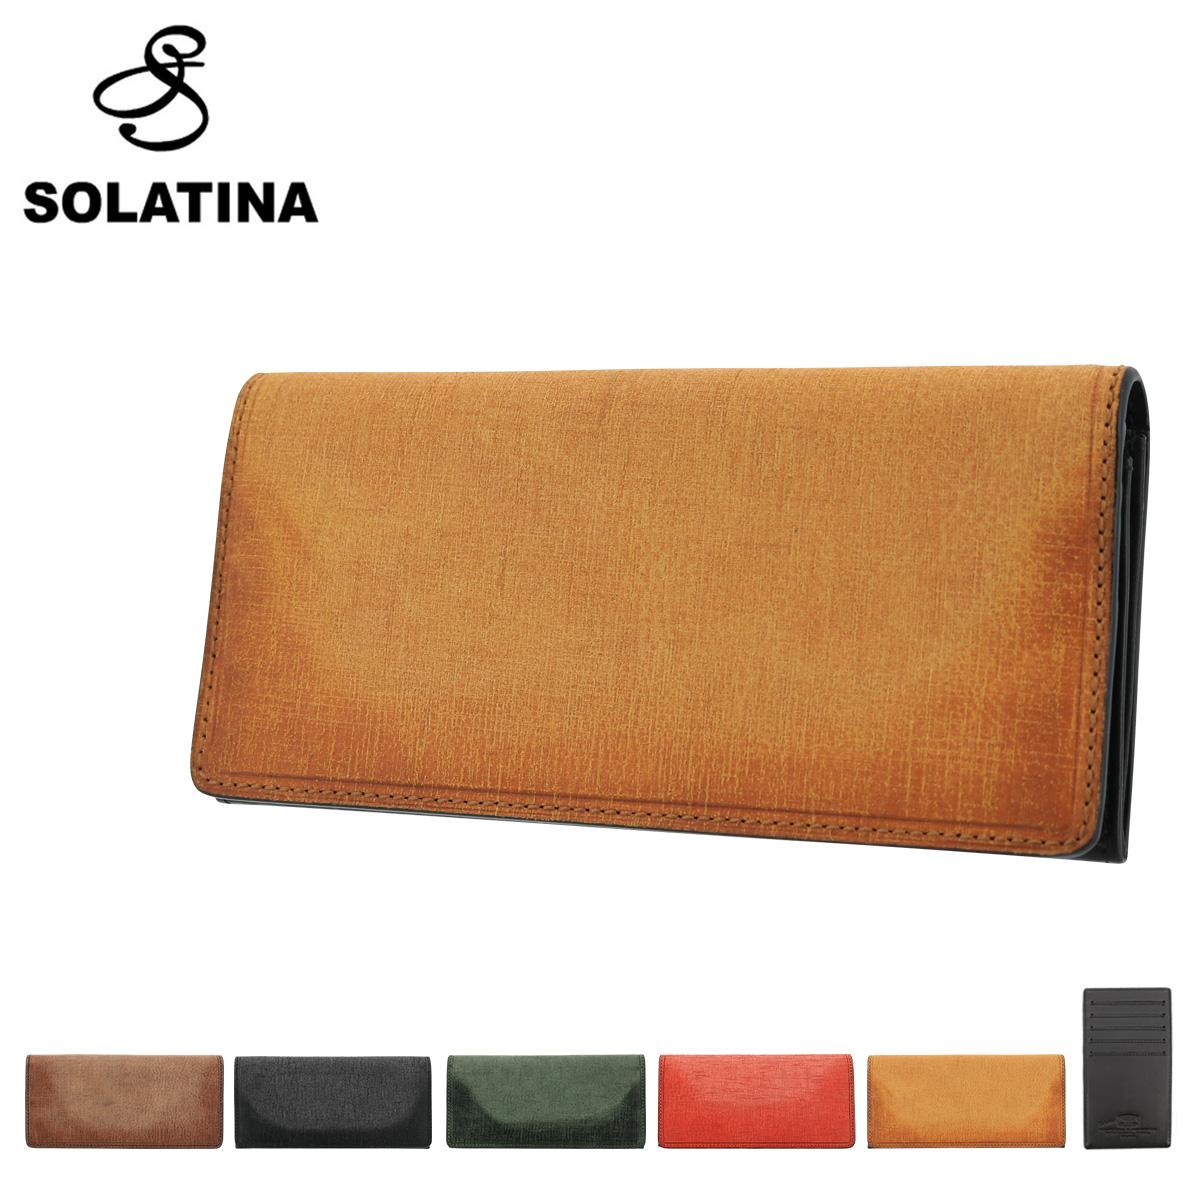 ソラチナ 長財布 バベル メンズ SW-70011 SOLATINA | 本革 イタリアンレザー カーフ カードケース付 ブランド専用BOX付き [PO10][bef]